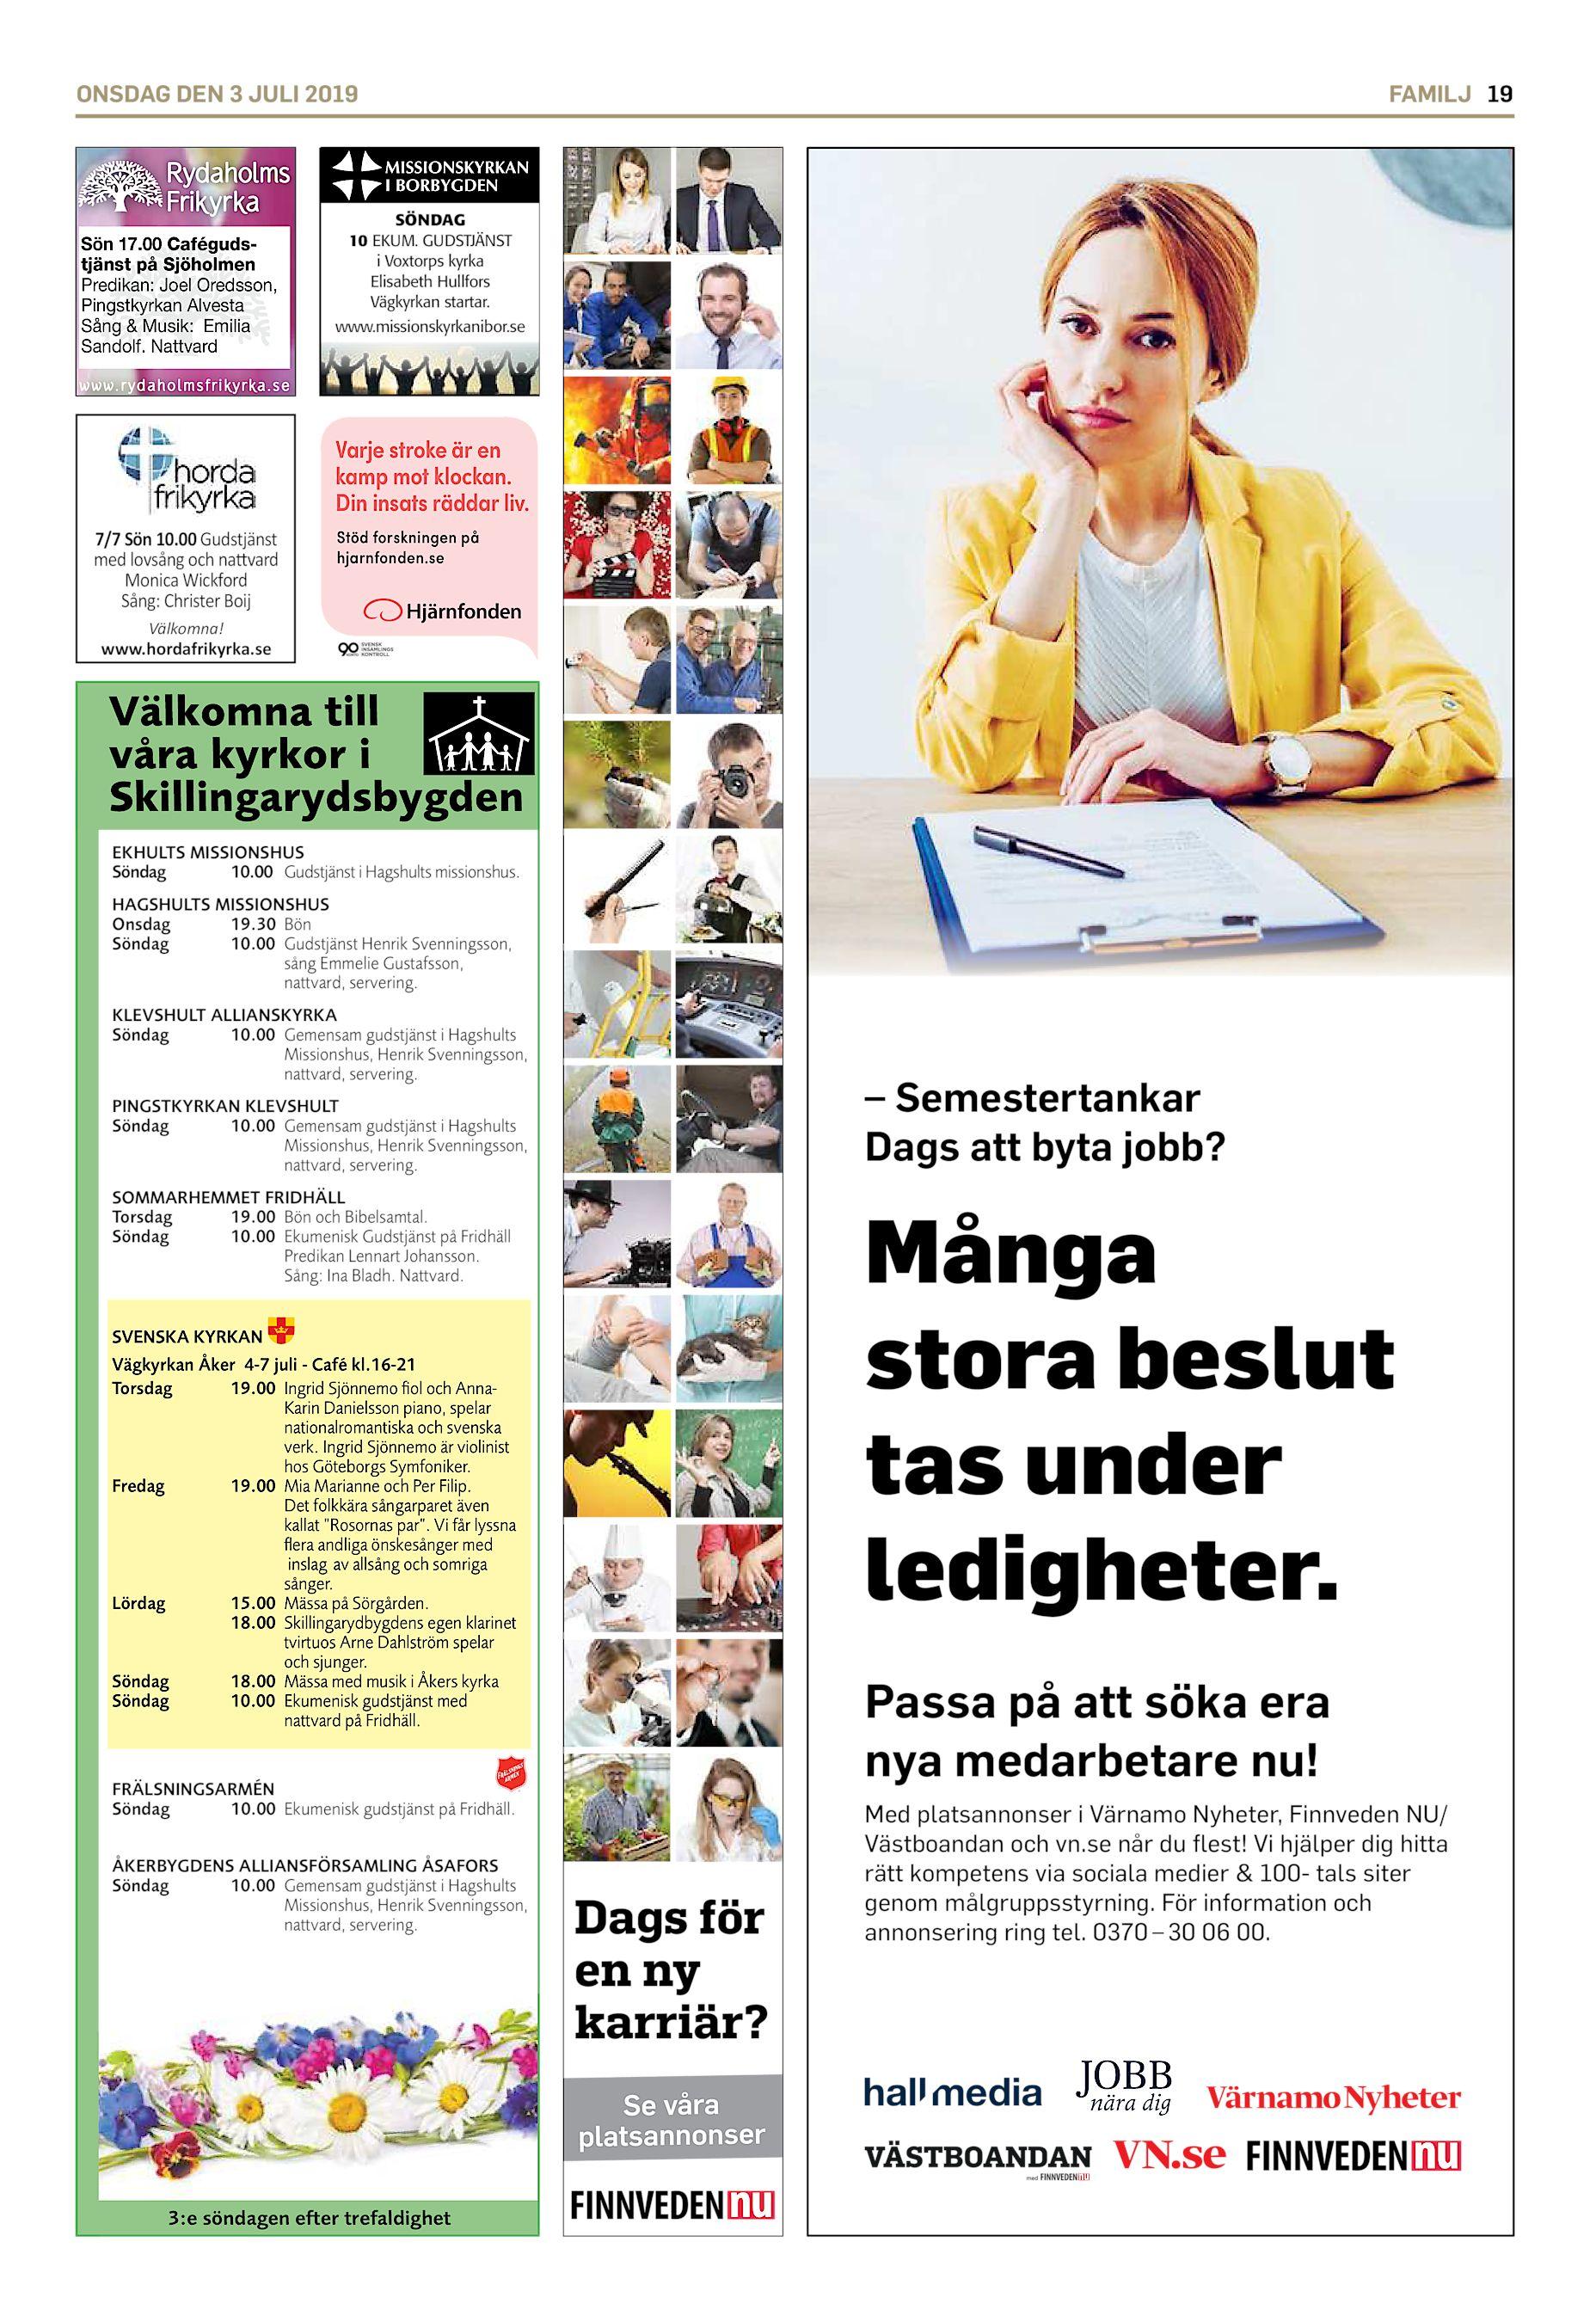 Nanntorp 131 Kalmar Ln, Halltorp - unam.net